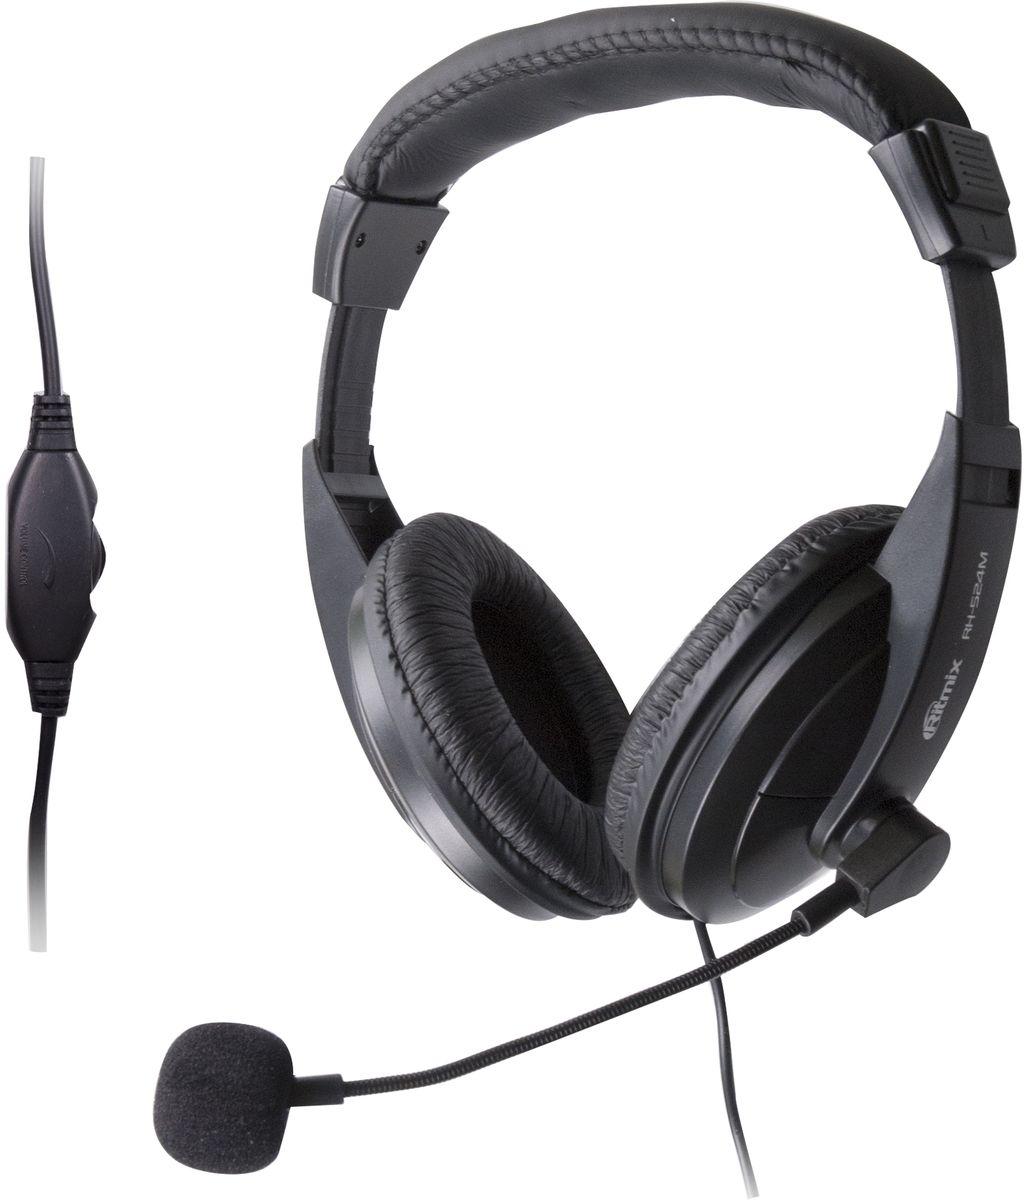 Ritmix RH-524M, Black игровые наушники цены онлайн